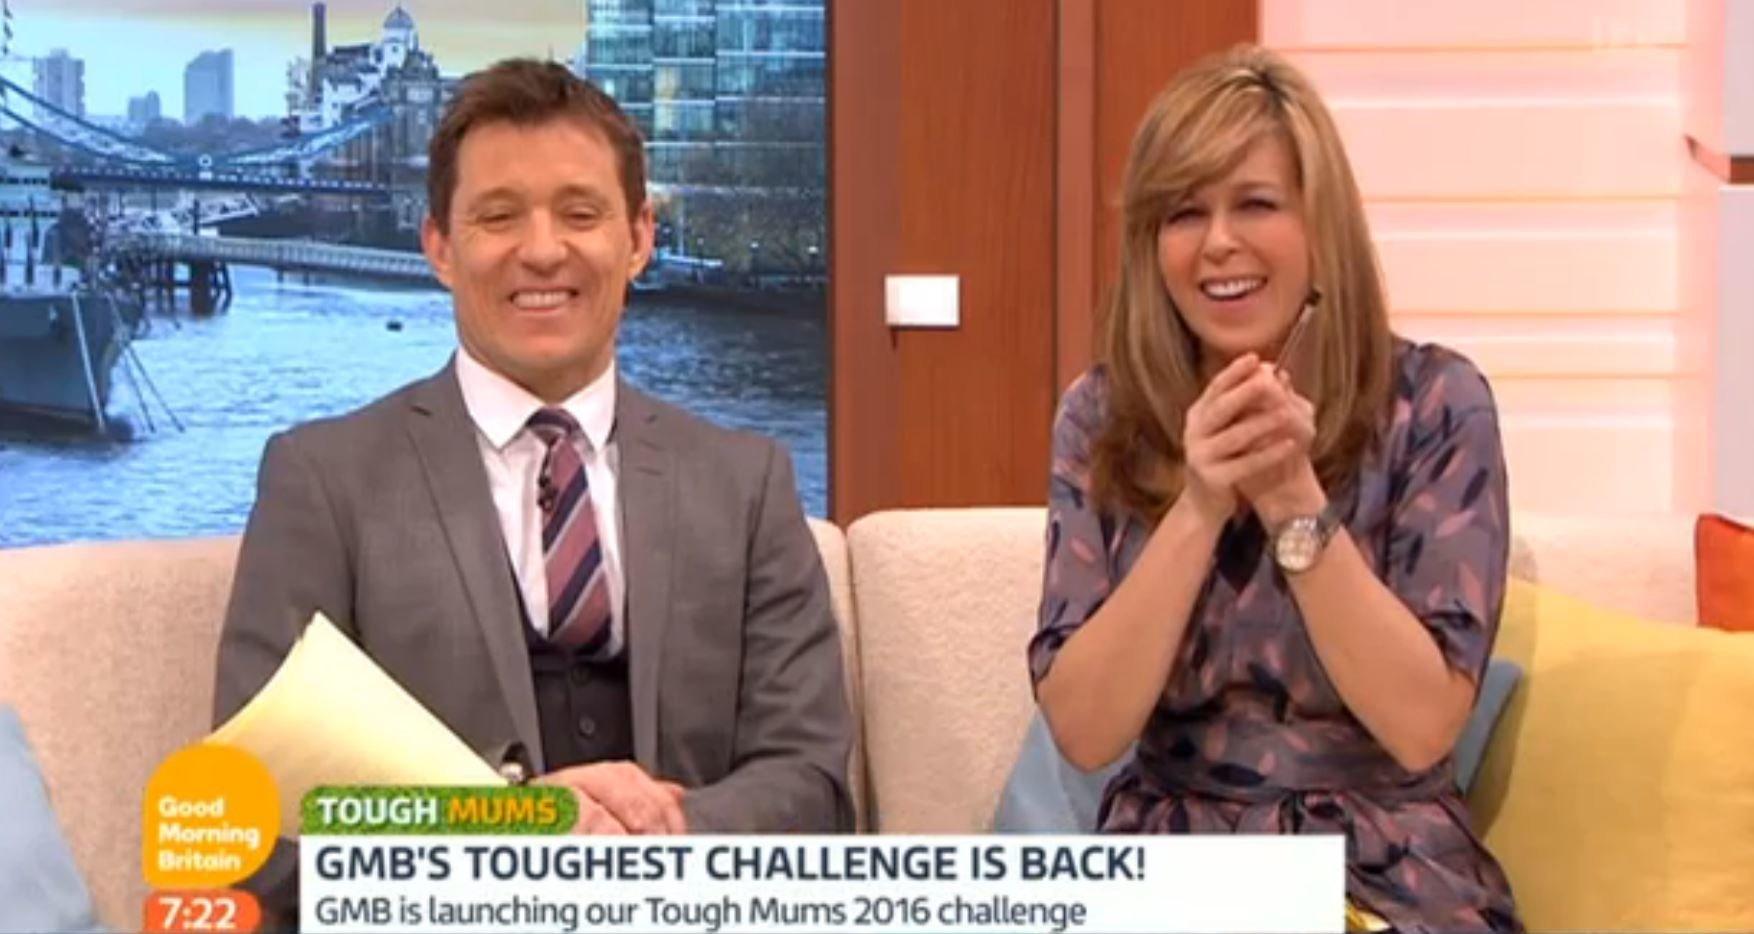 Kate Garraway Laughs Off 'GMB' Wardrobe